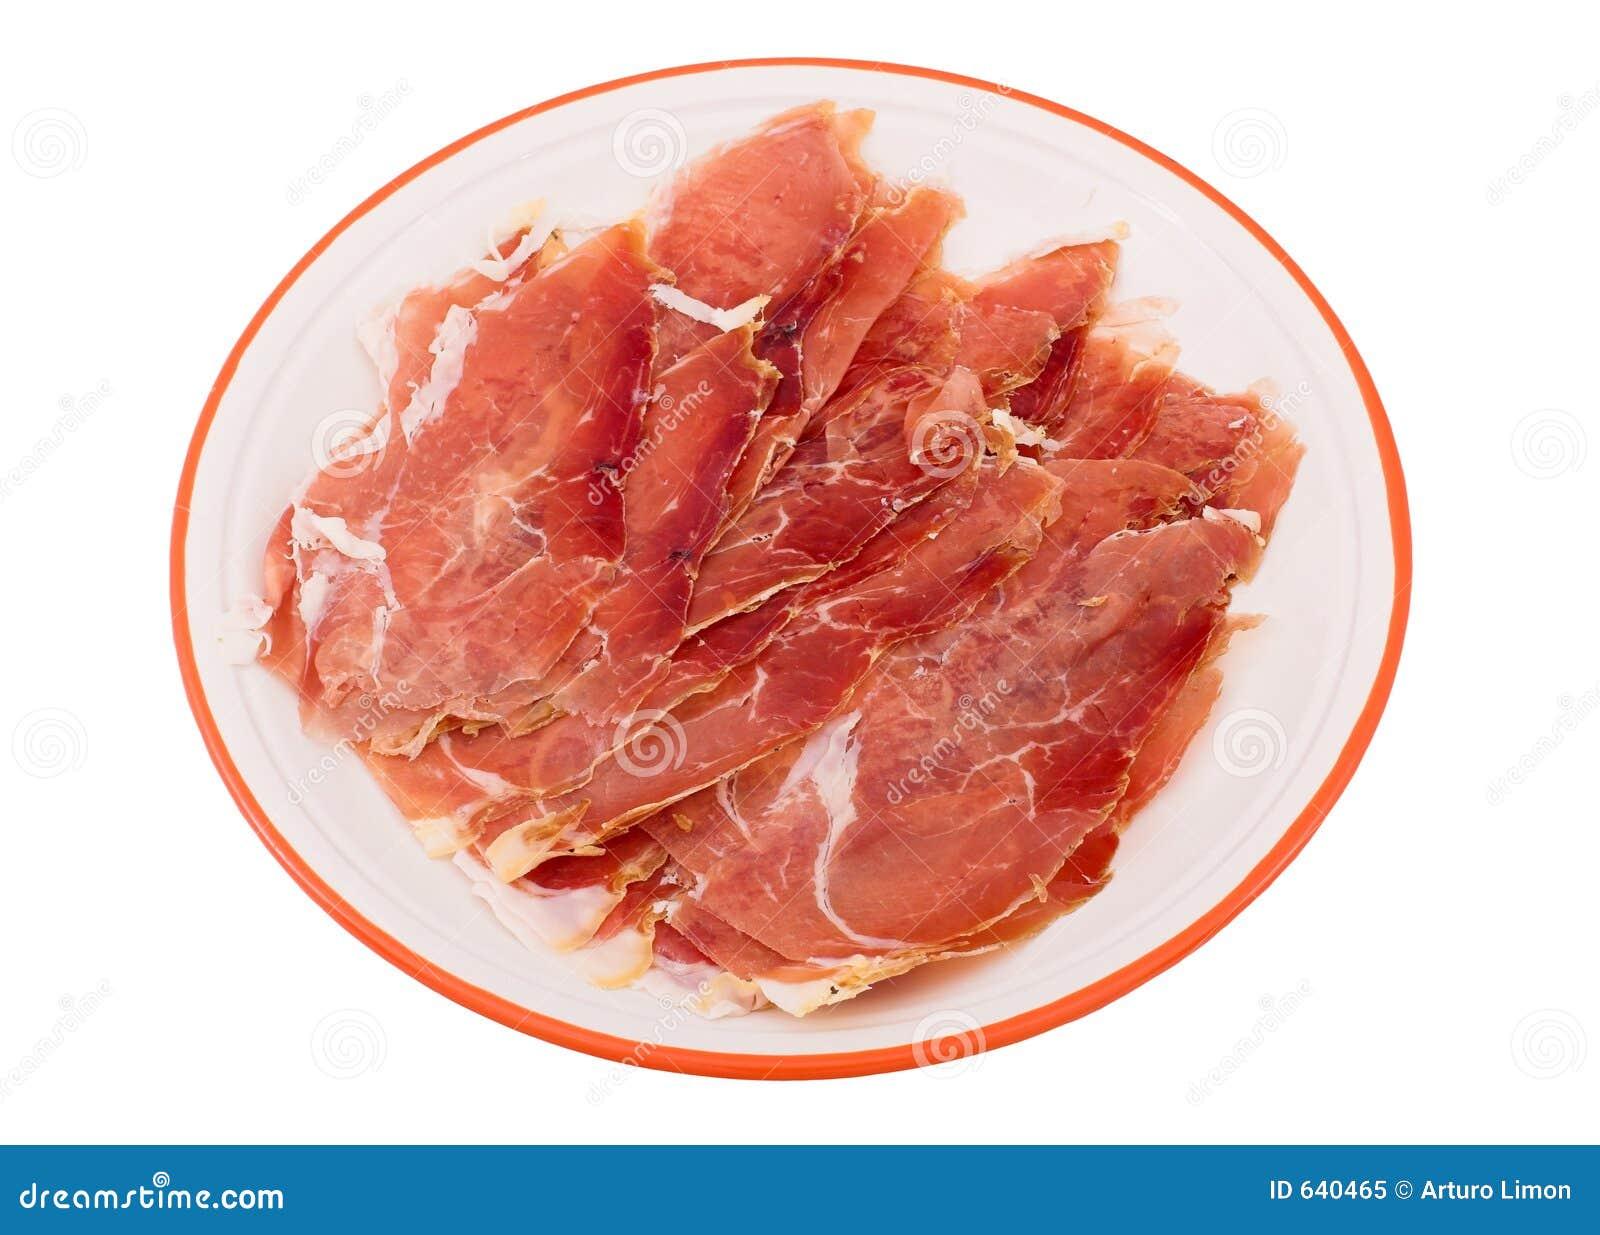 Download испанский язык ветчины стоковое изображение. изображение насчитывающей тучно - 640465